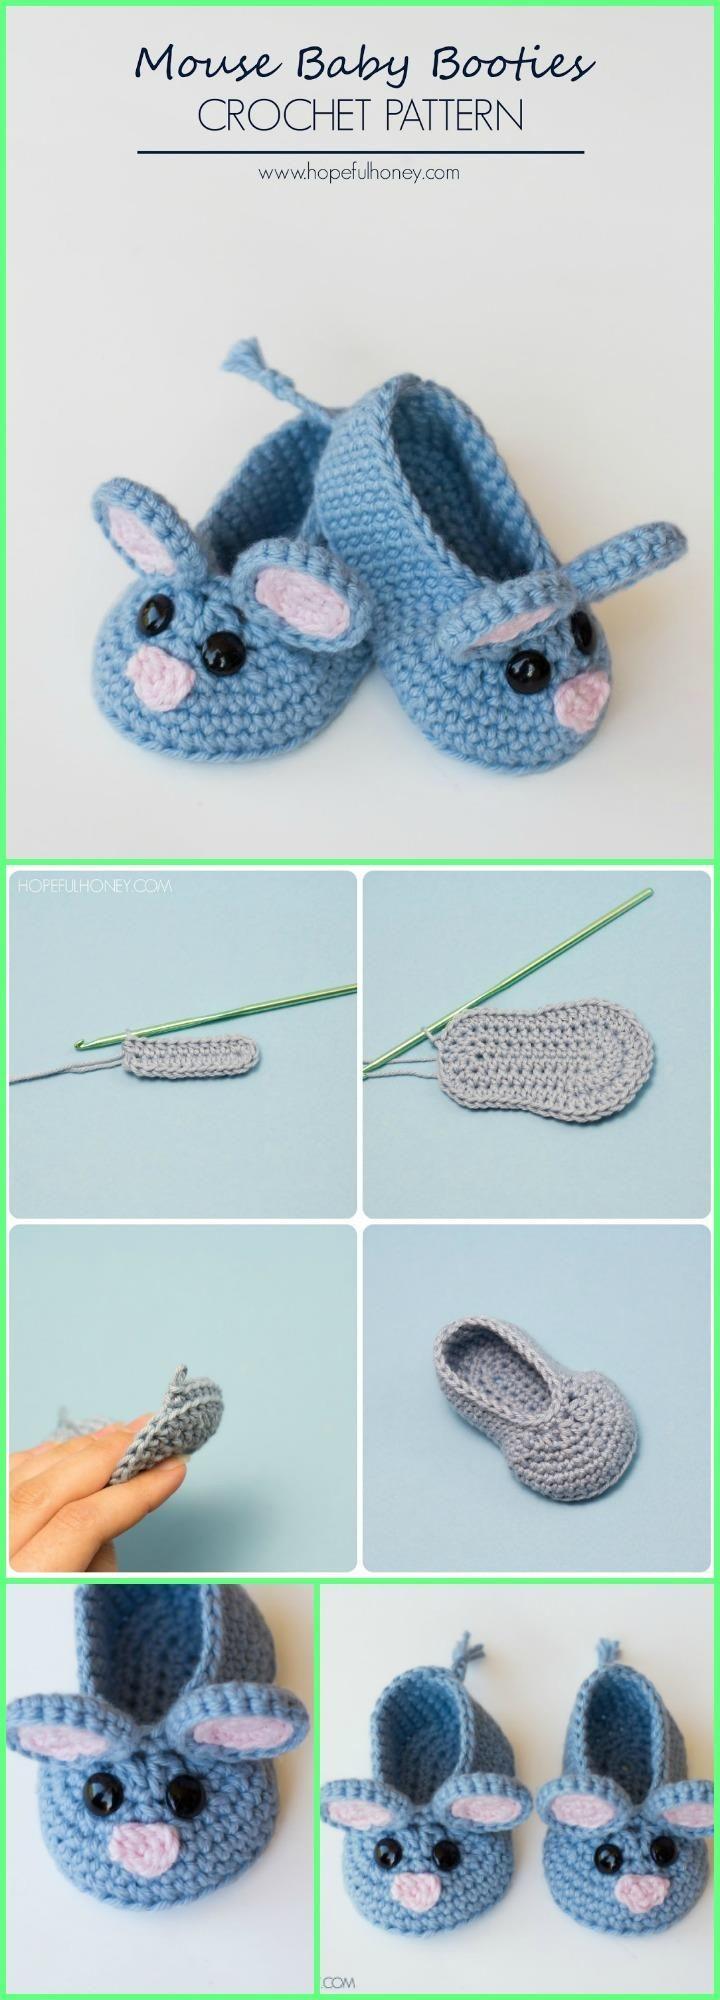 linda ganchillo de los botines del ratón